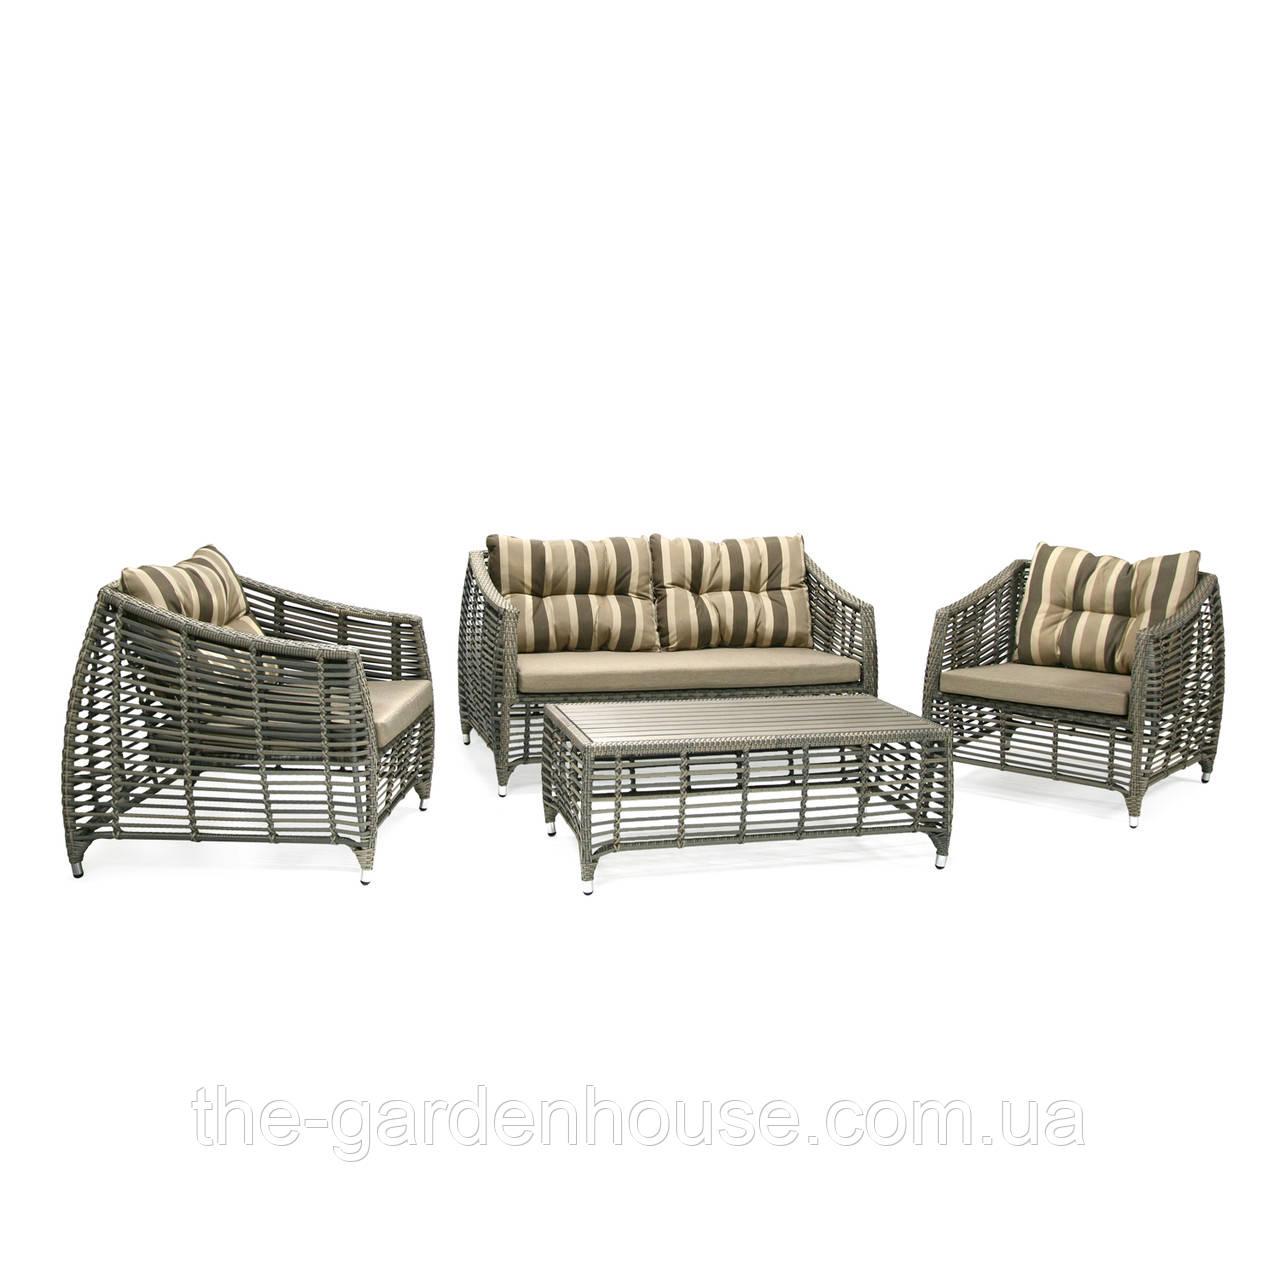 Садовая мебель для отдыха Brindisi из искусственного ротанга